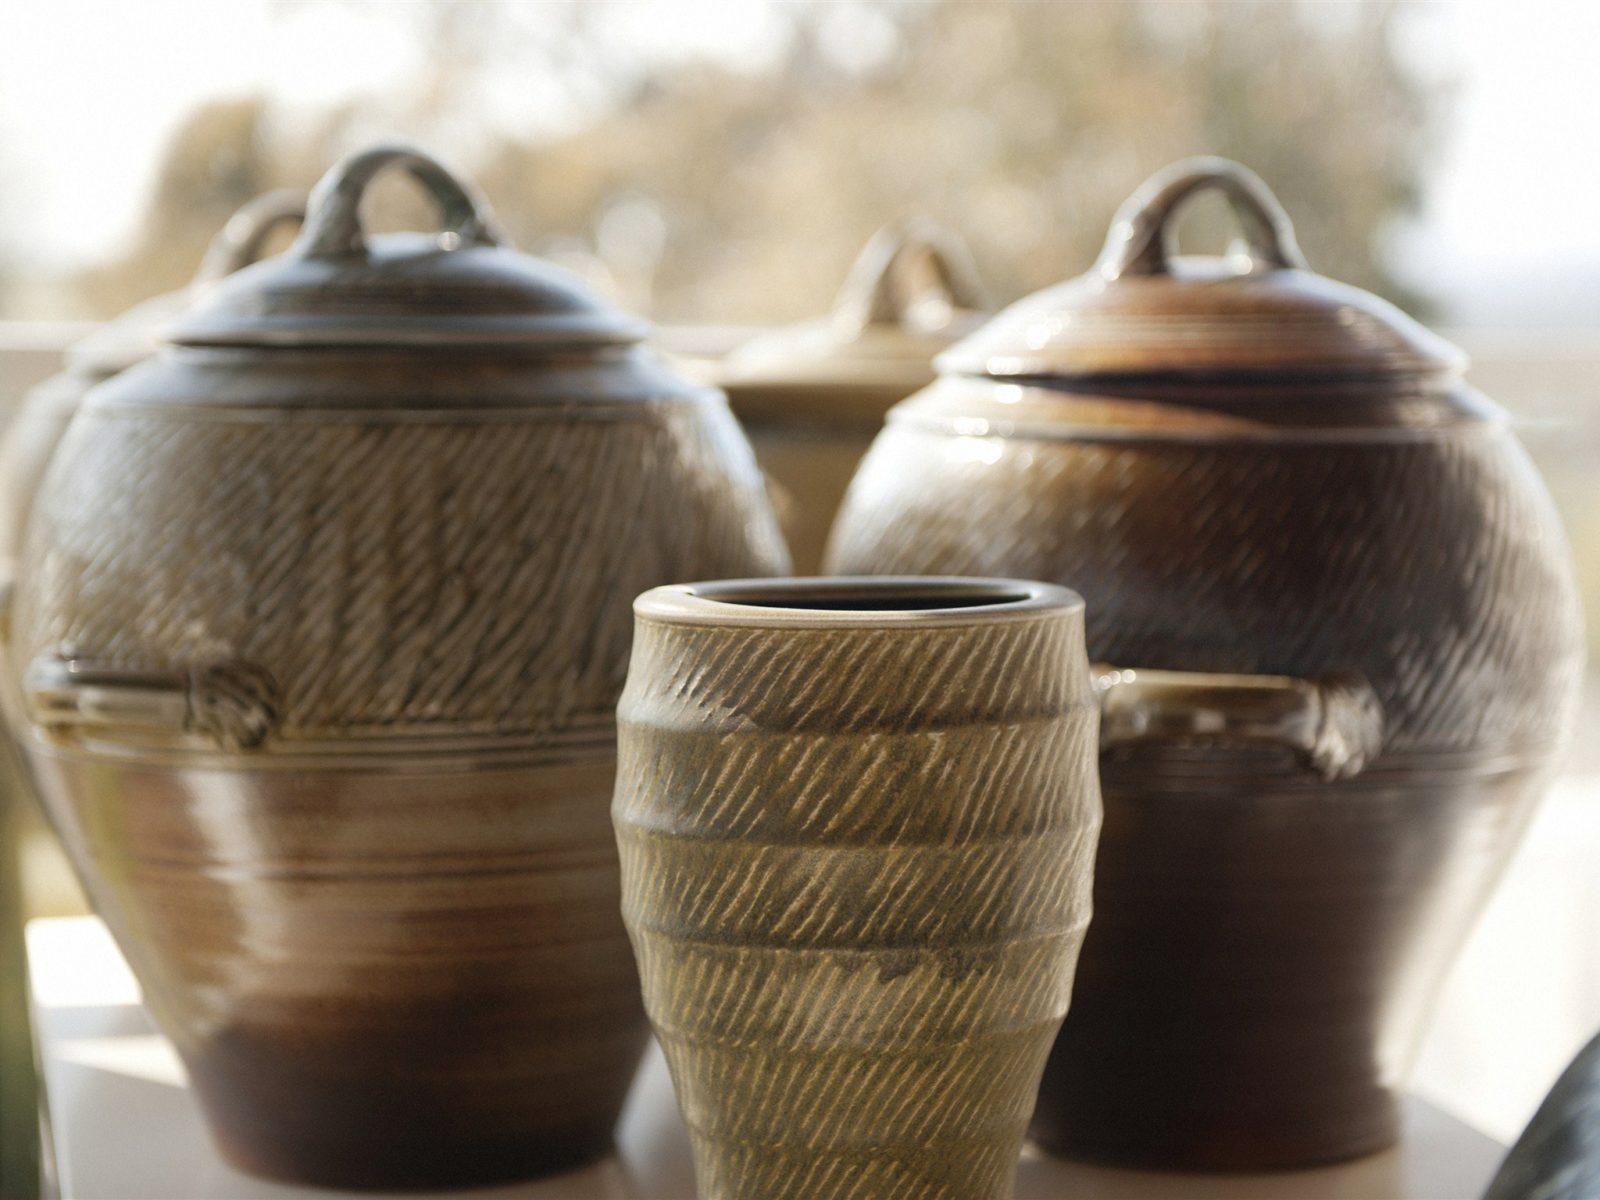 Storage pots in Showroom